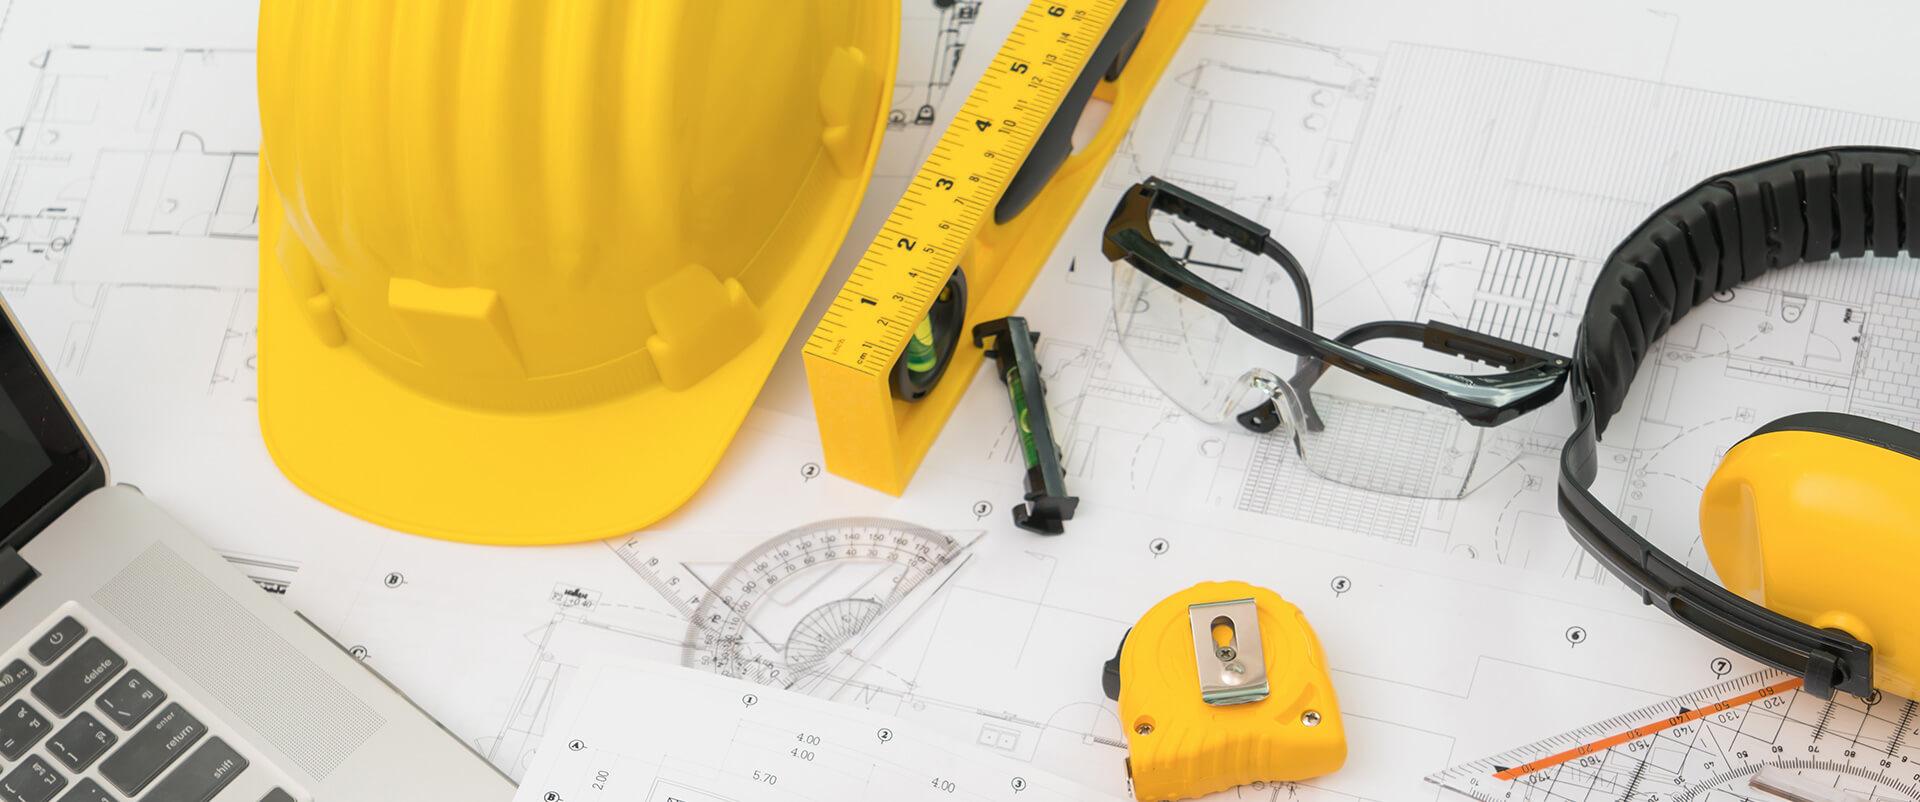 Project Management & Design